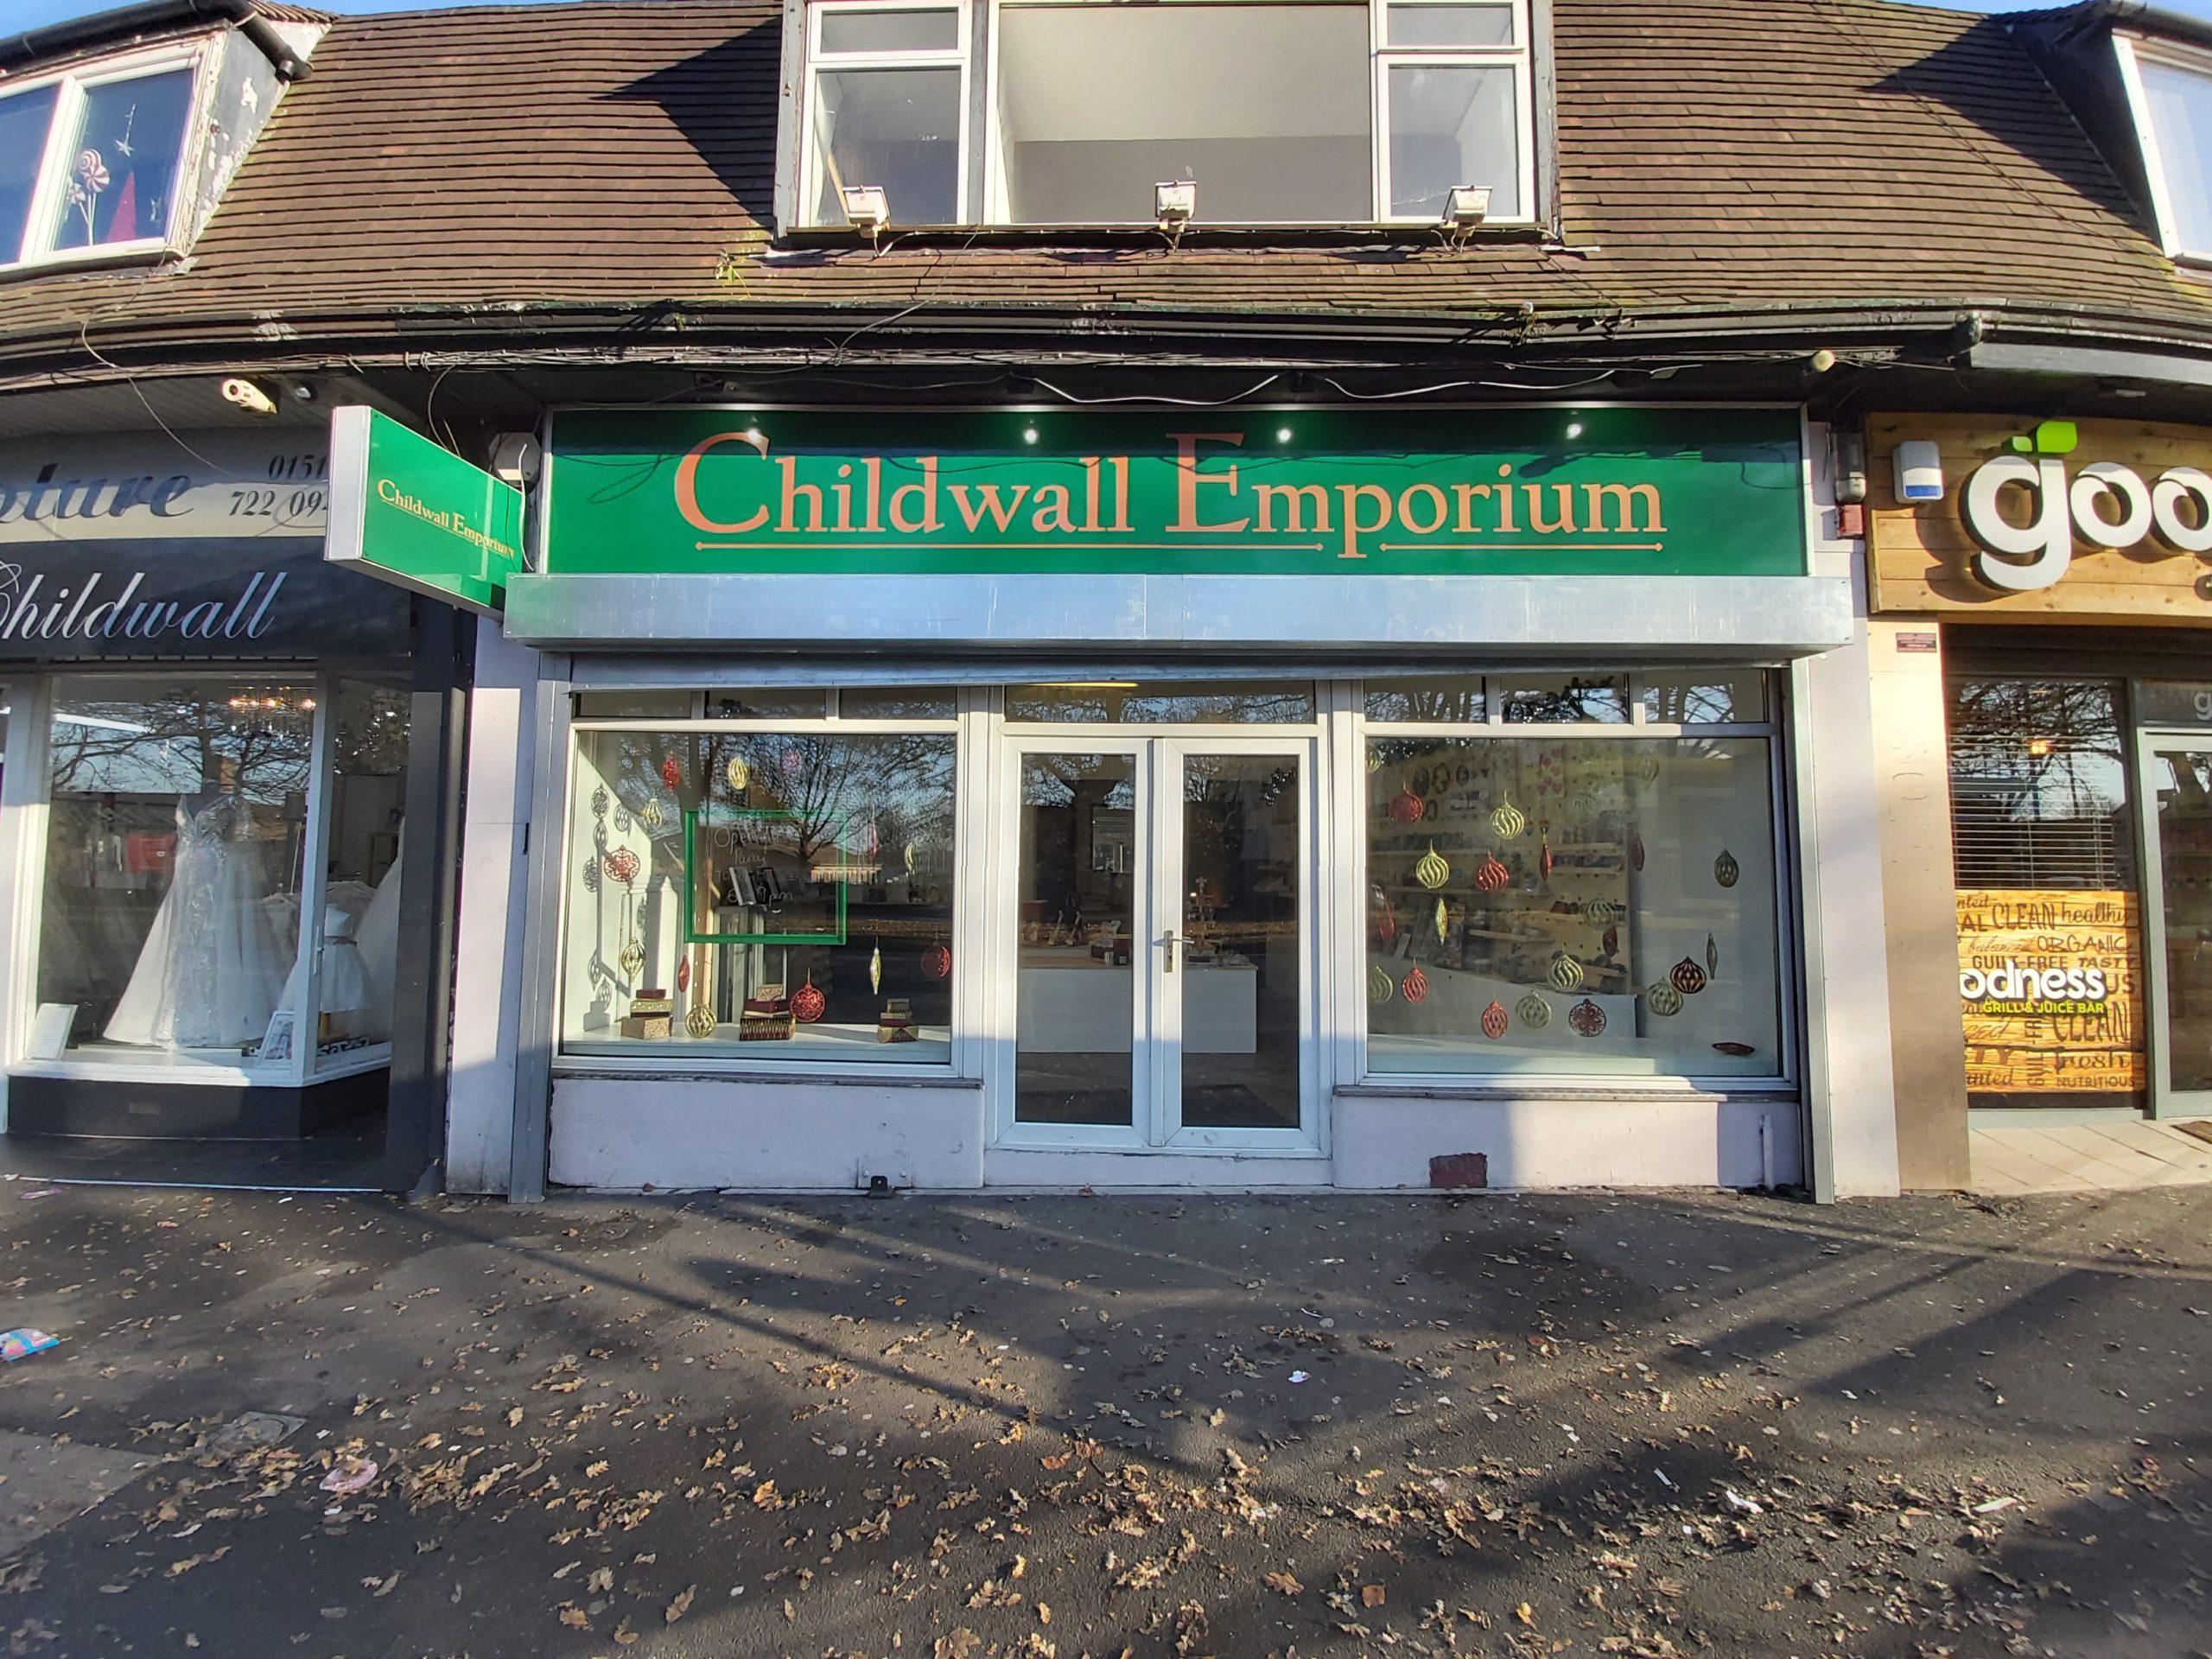 Childwall Emporium